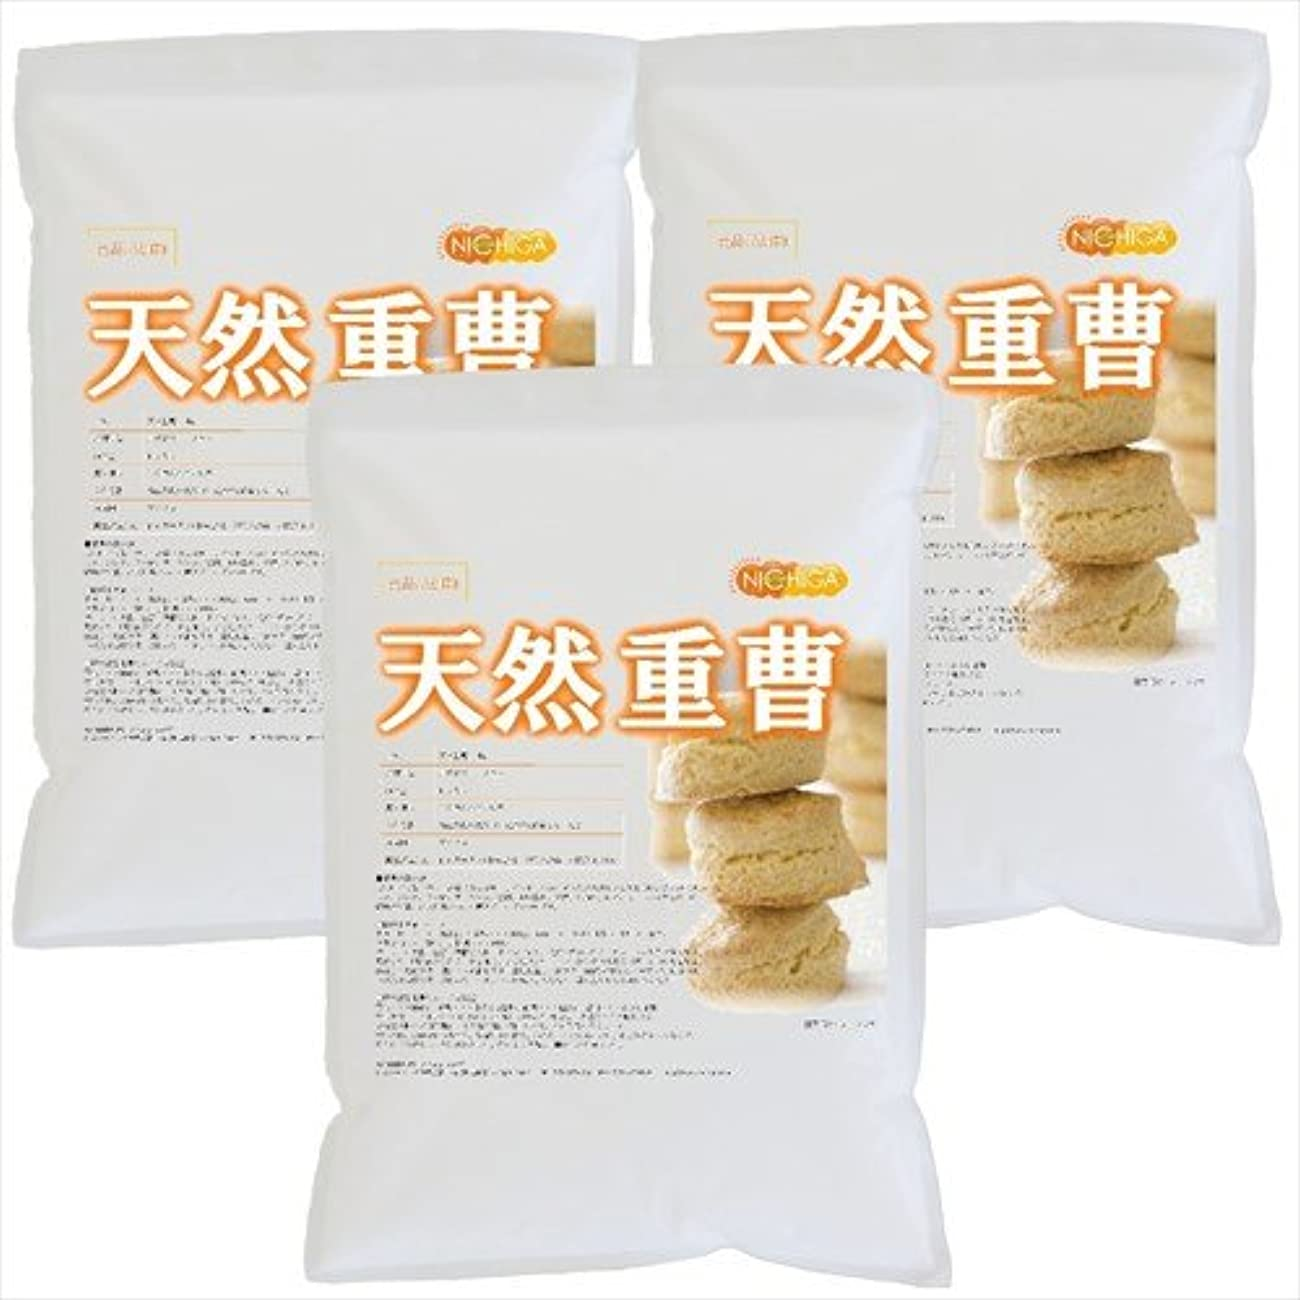 主人キャベツ天然 重曹 5kg×3袋 [02] 炭酸水素ナトリウム 食品添加物(食品用)NICHIGA(ニチガ)